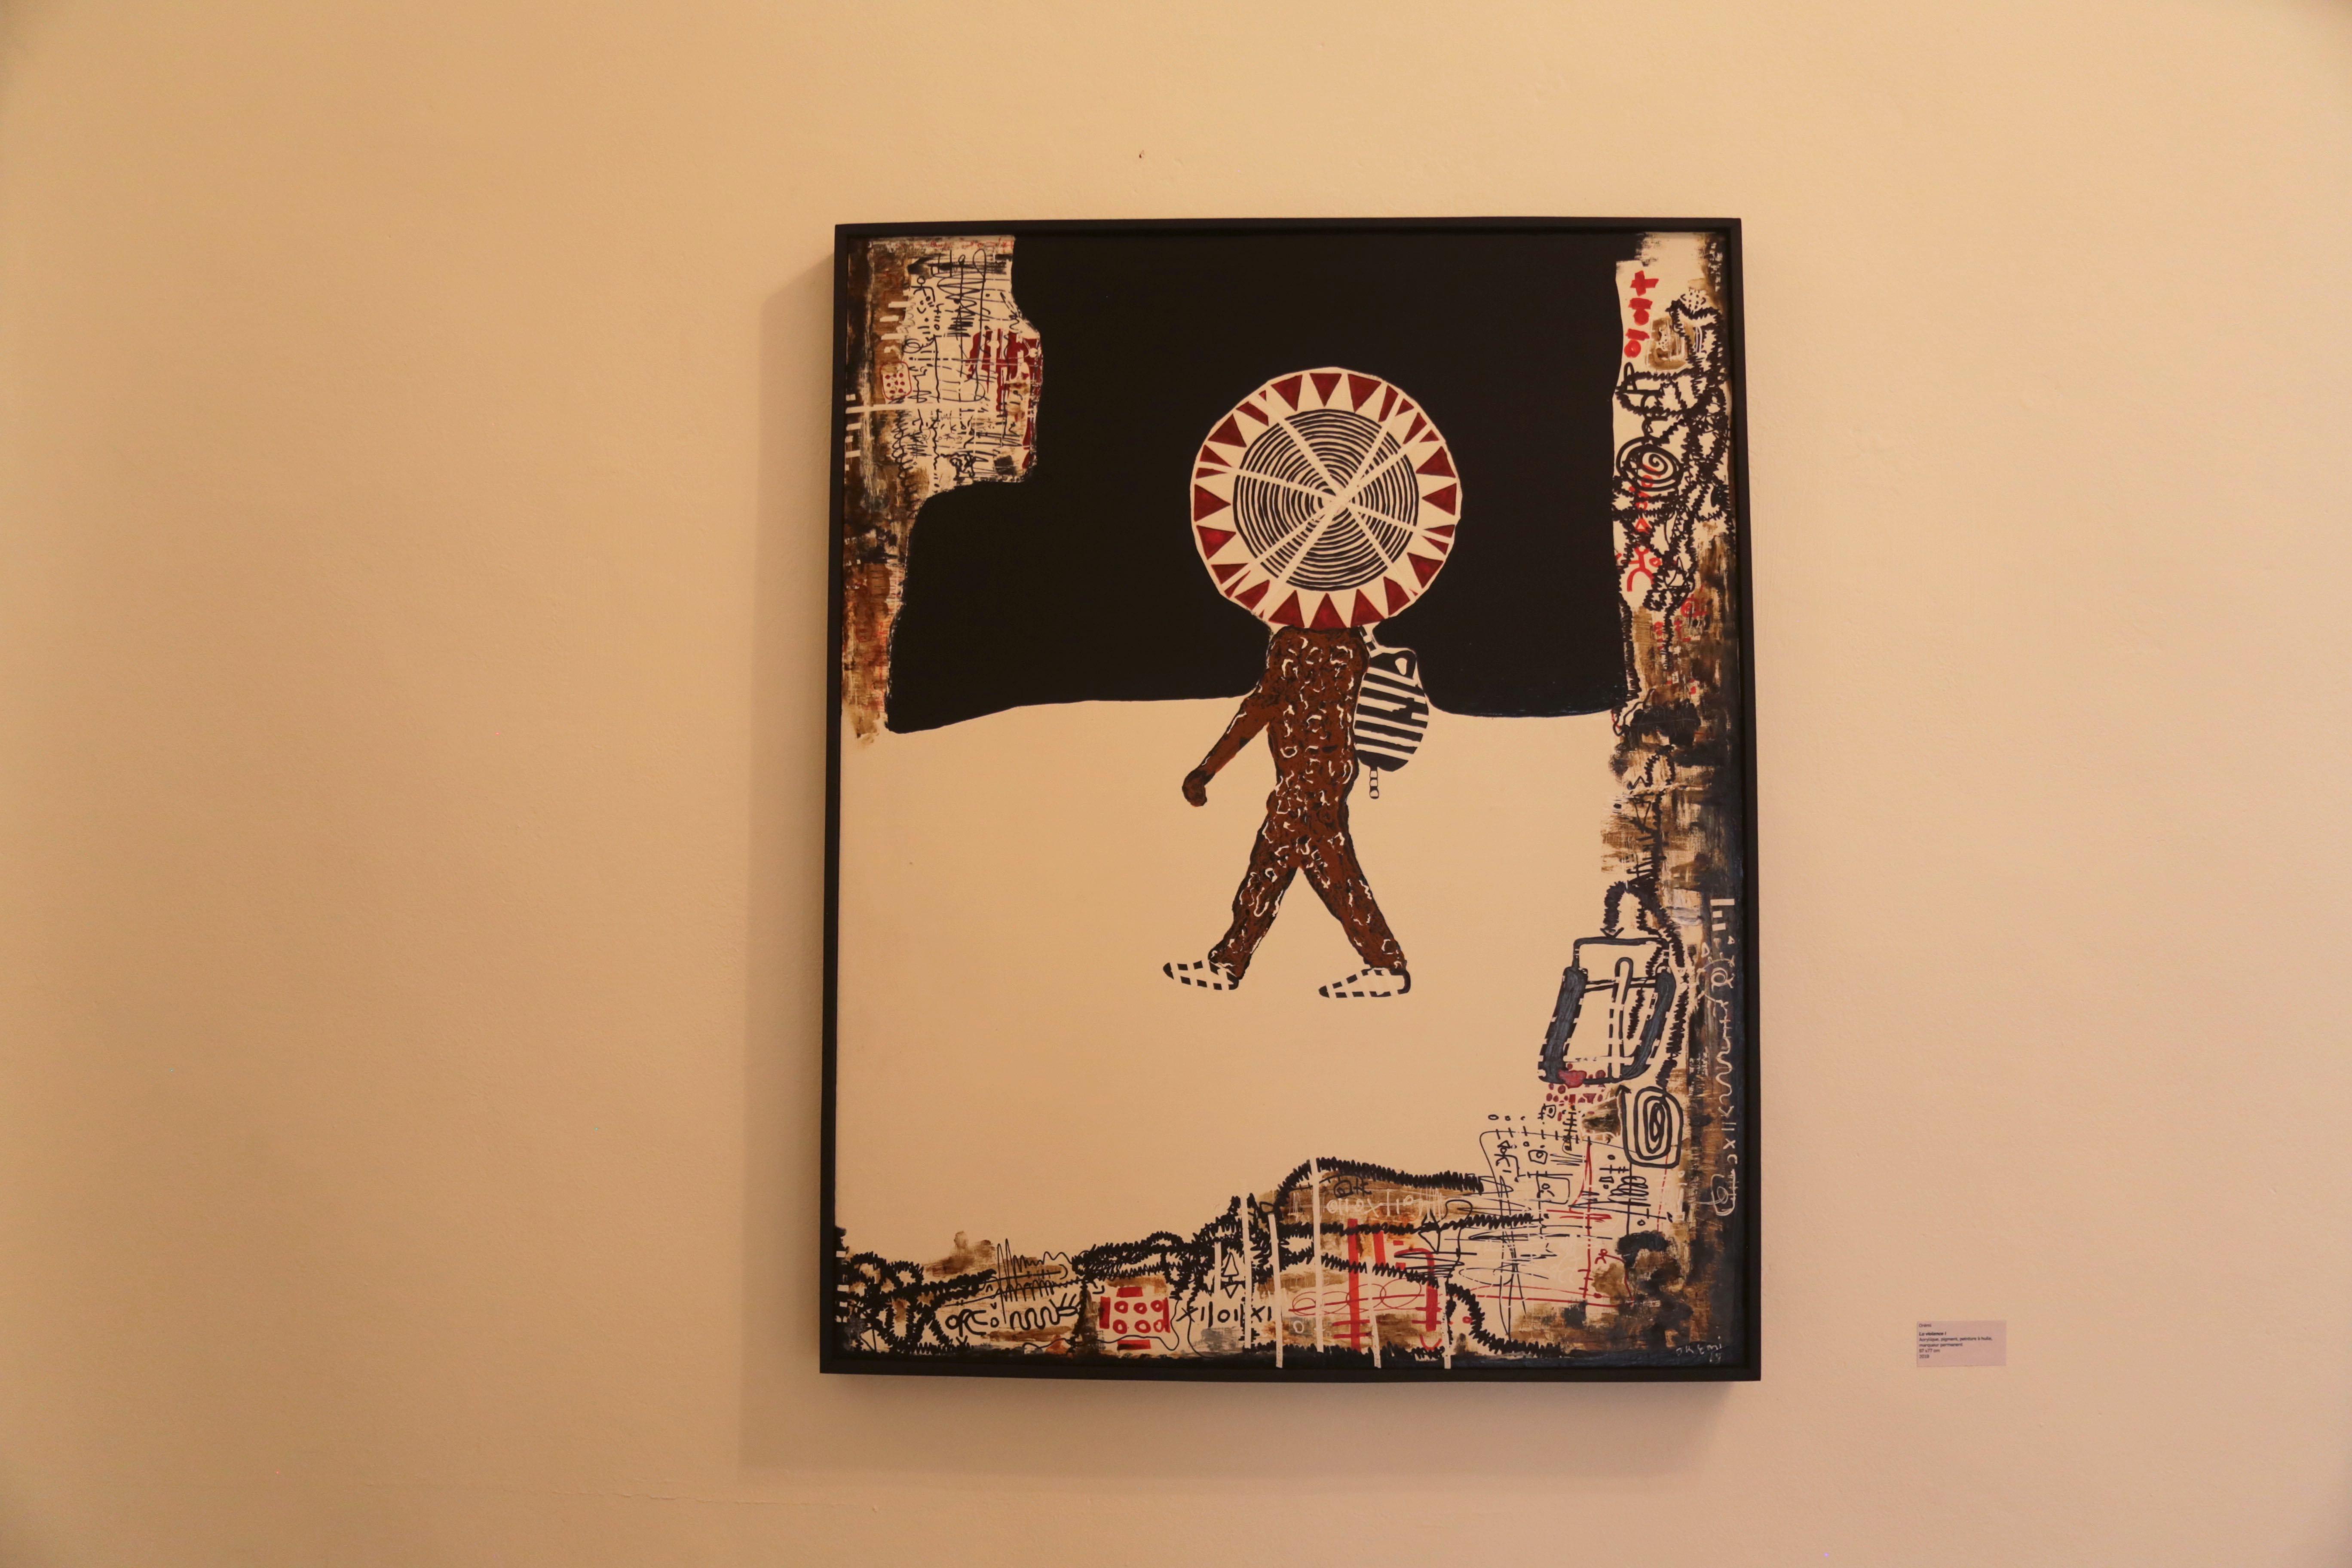 Orémi, La violence I, Acrylique, pigment, peinture à huile, marqueur permanent 97 x77 cm, 2019